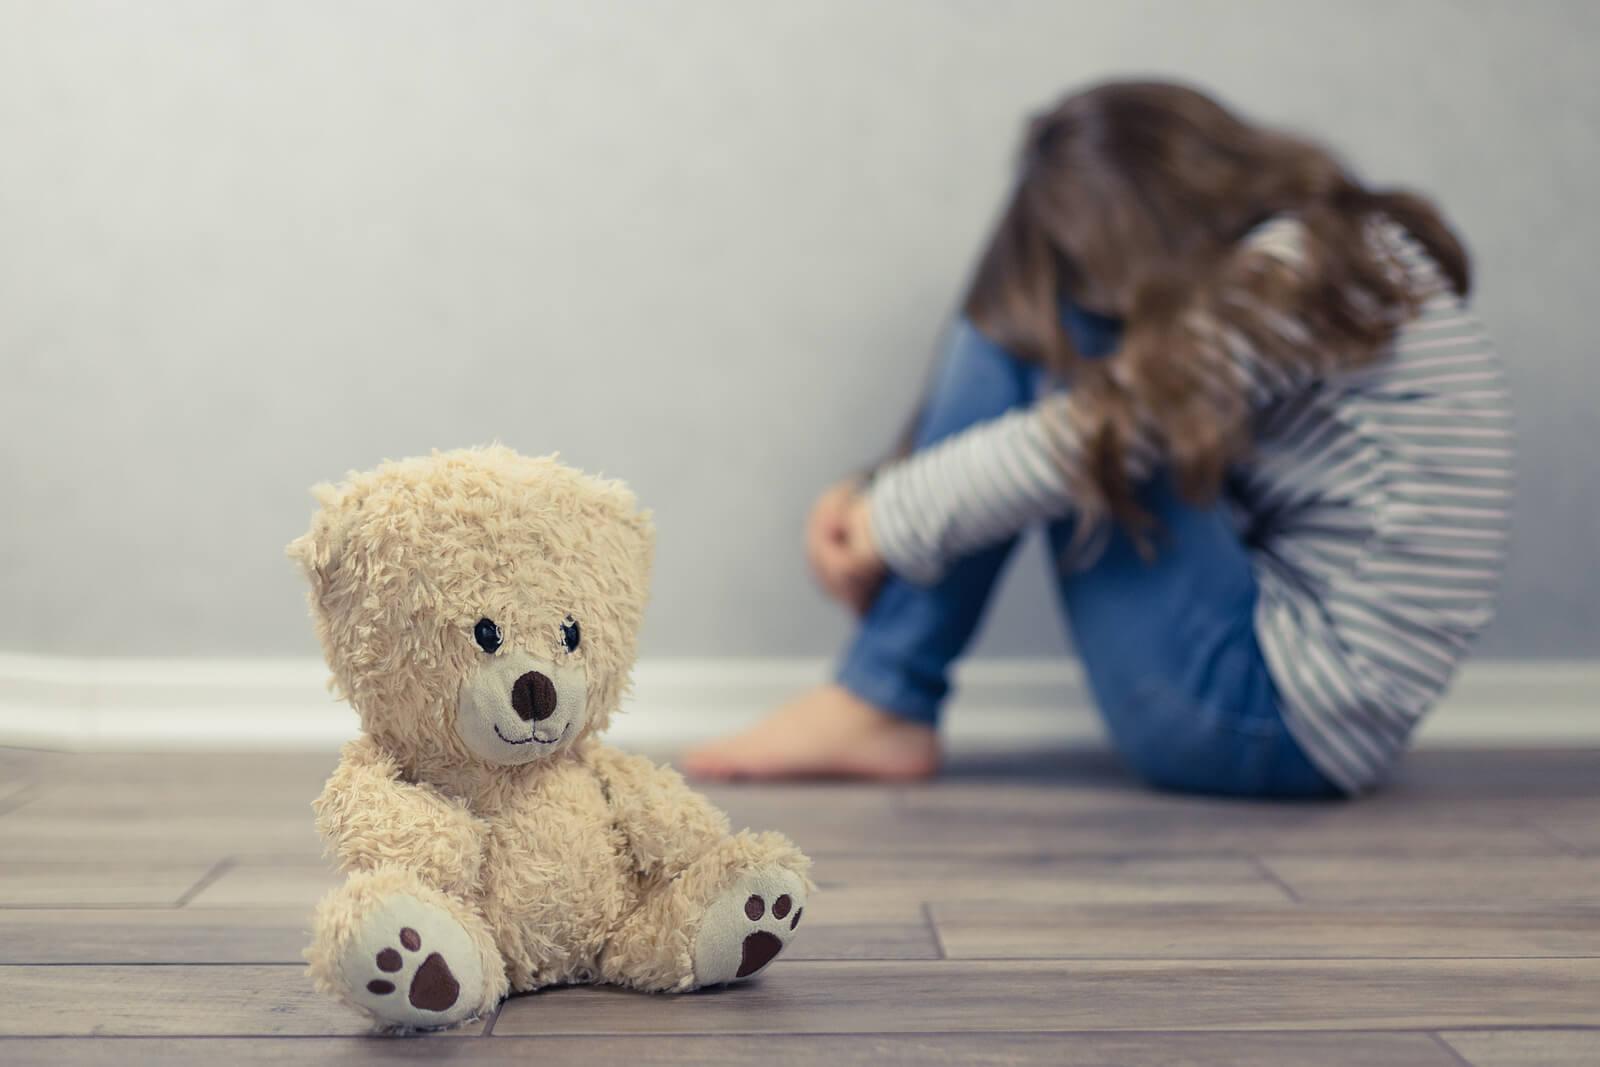 Niña muy triste con un oso de peluche mientras piensa en el suicidio.